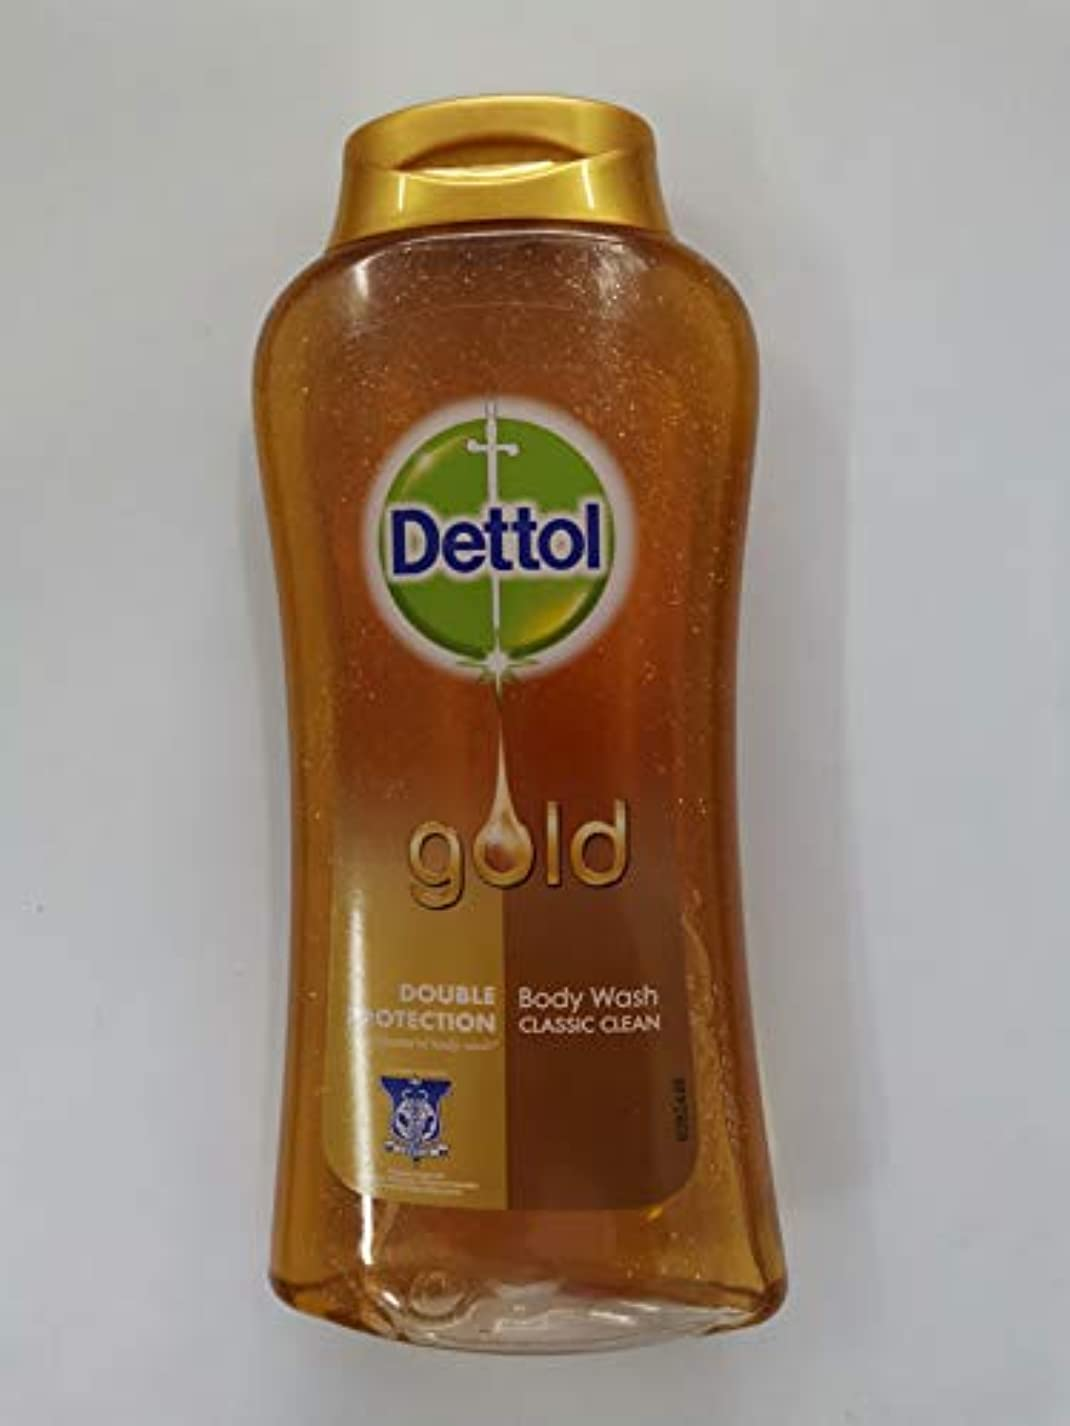 製油所七面鳥不毛のDettol クラシッククリーンボディローション250ミリリットル - 細菌非食用風呂-kills 99.9% - 毎日の細菌を防ぎます